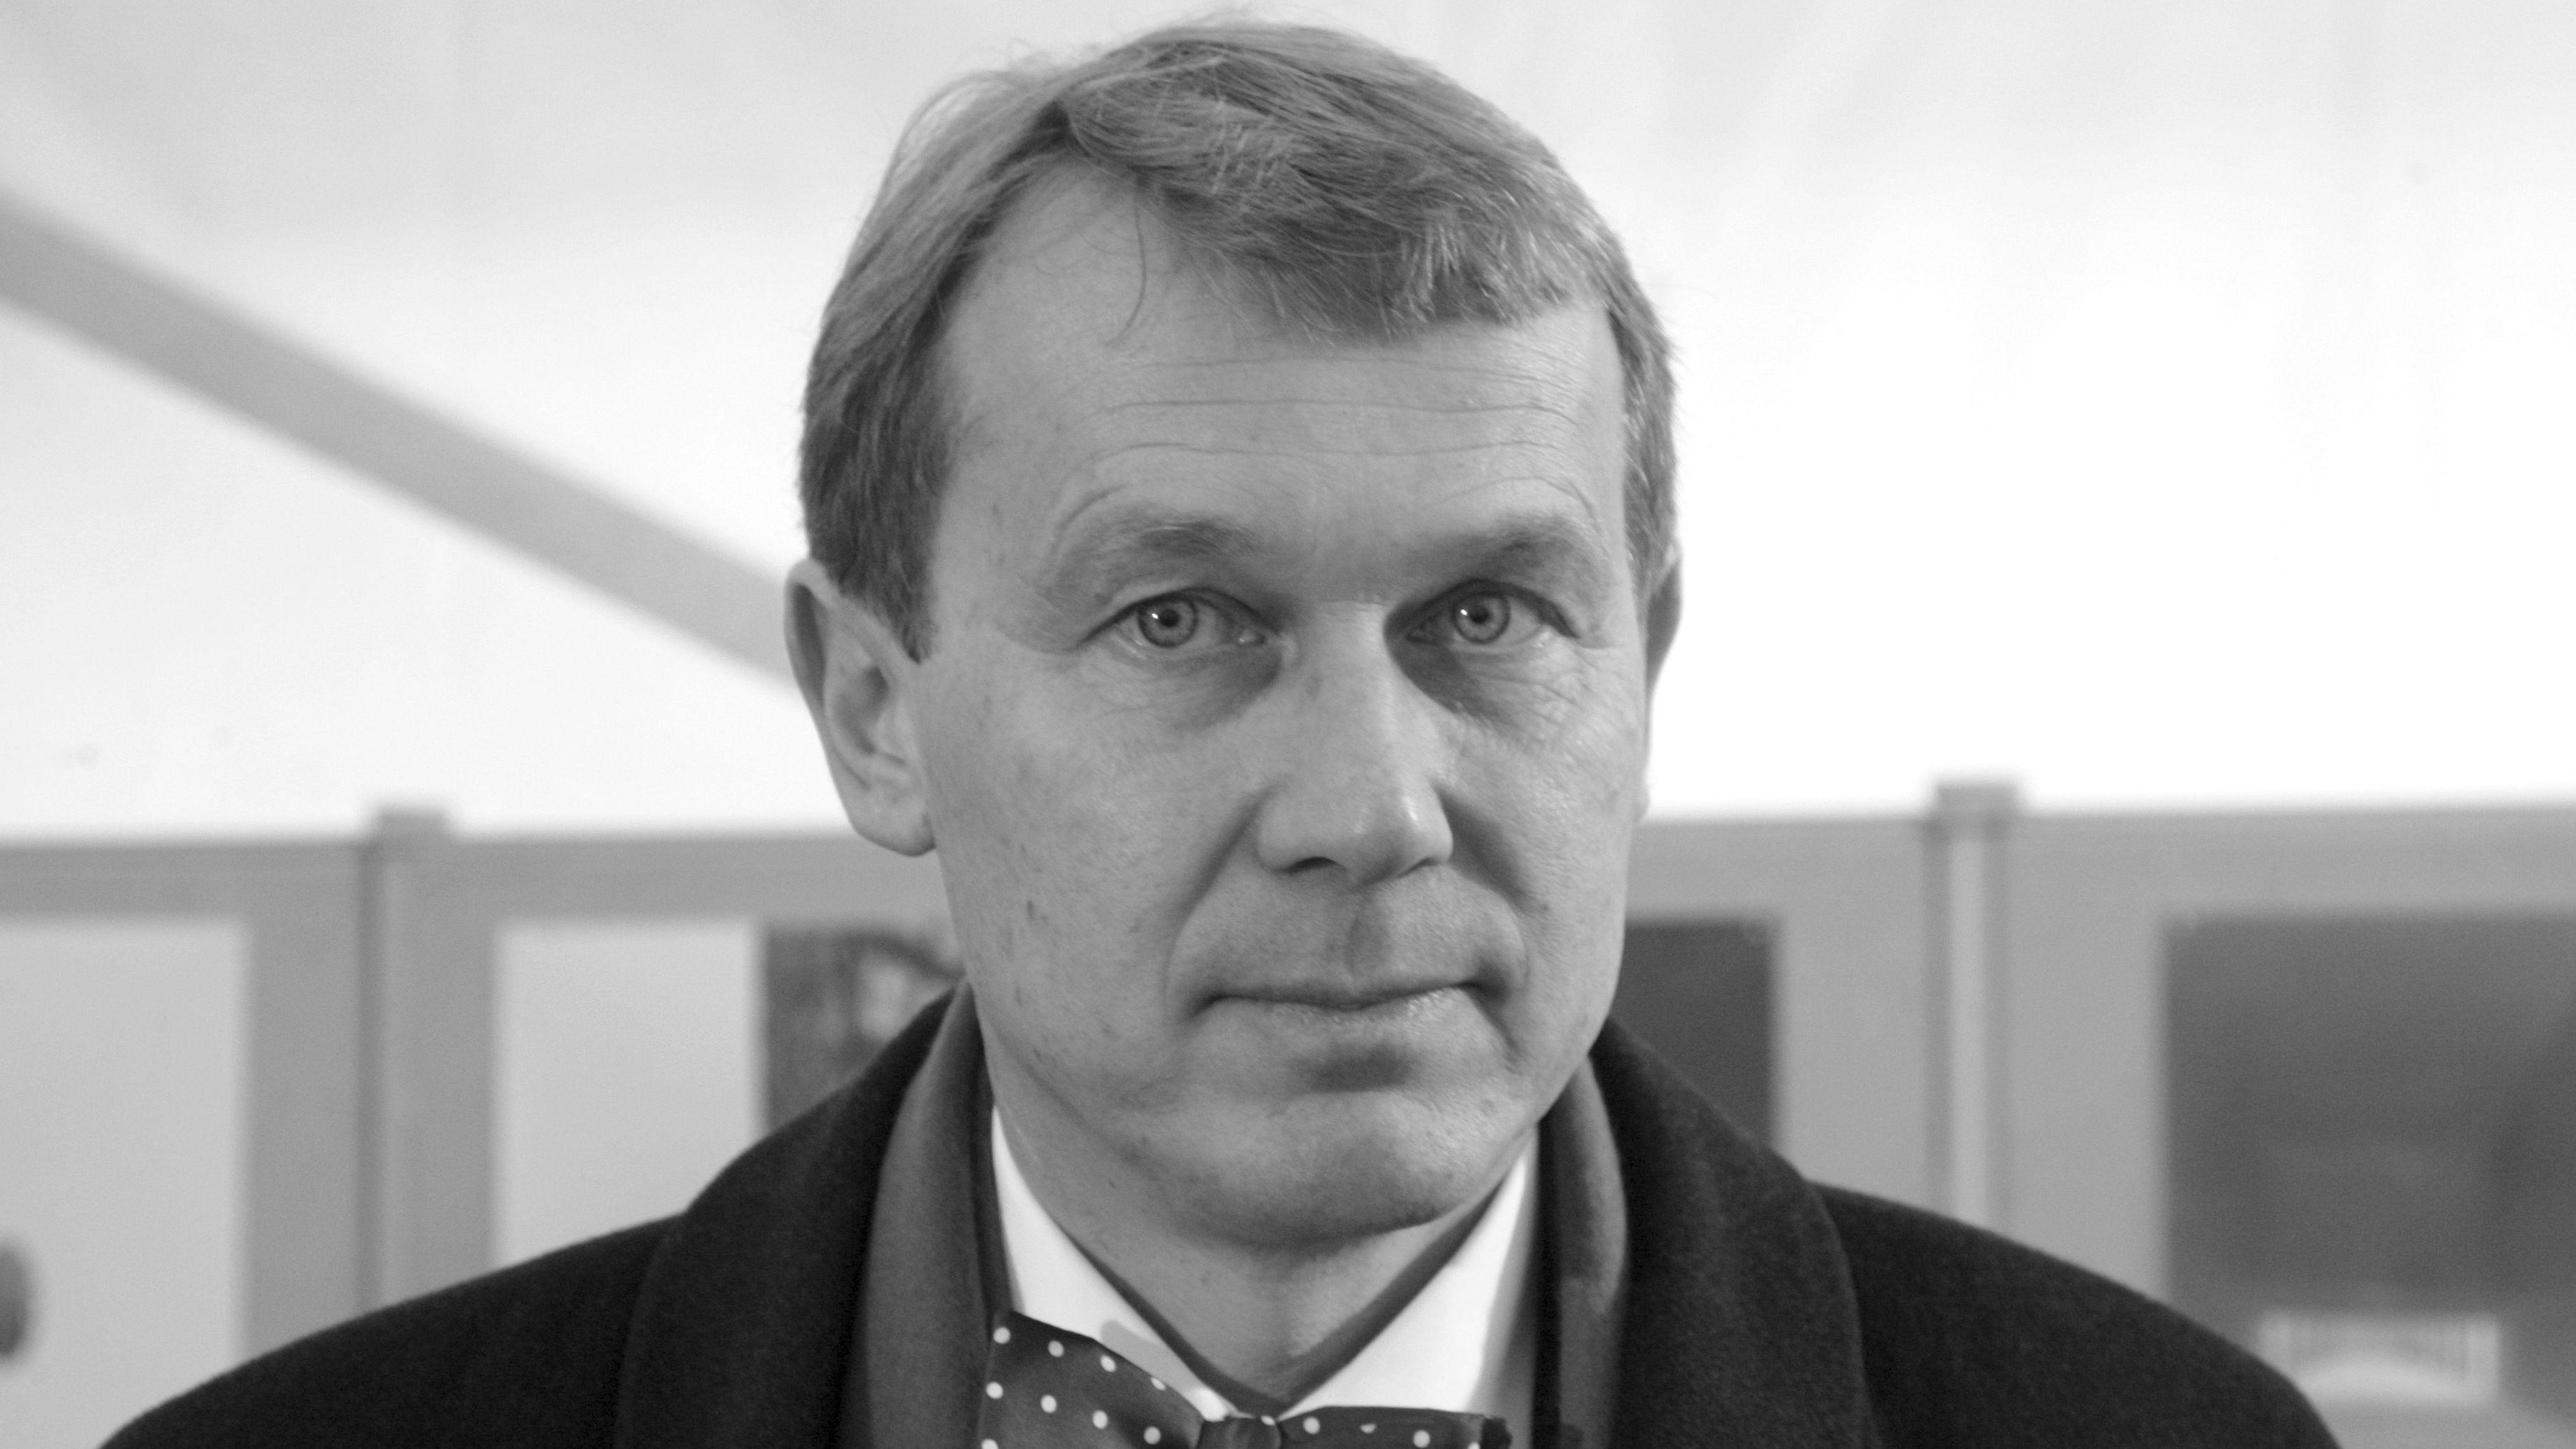 Der Architekt Andreas Meck ist gestorben